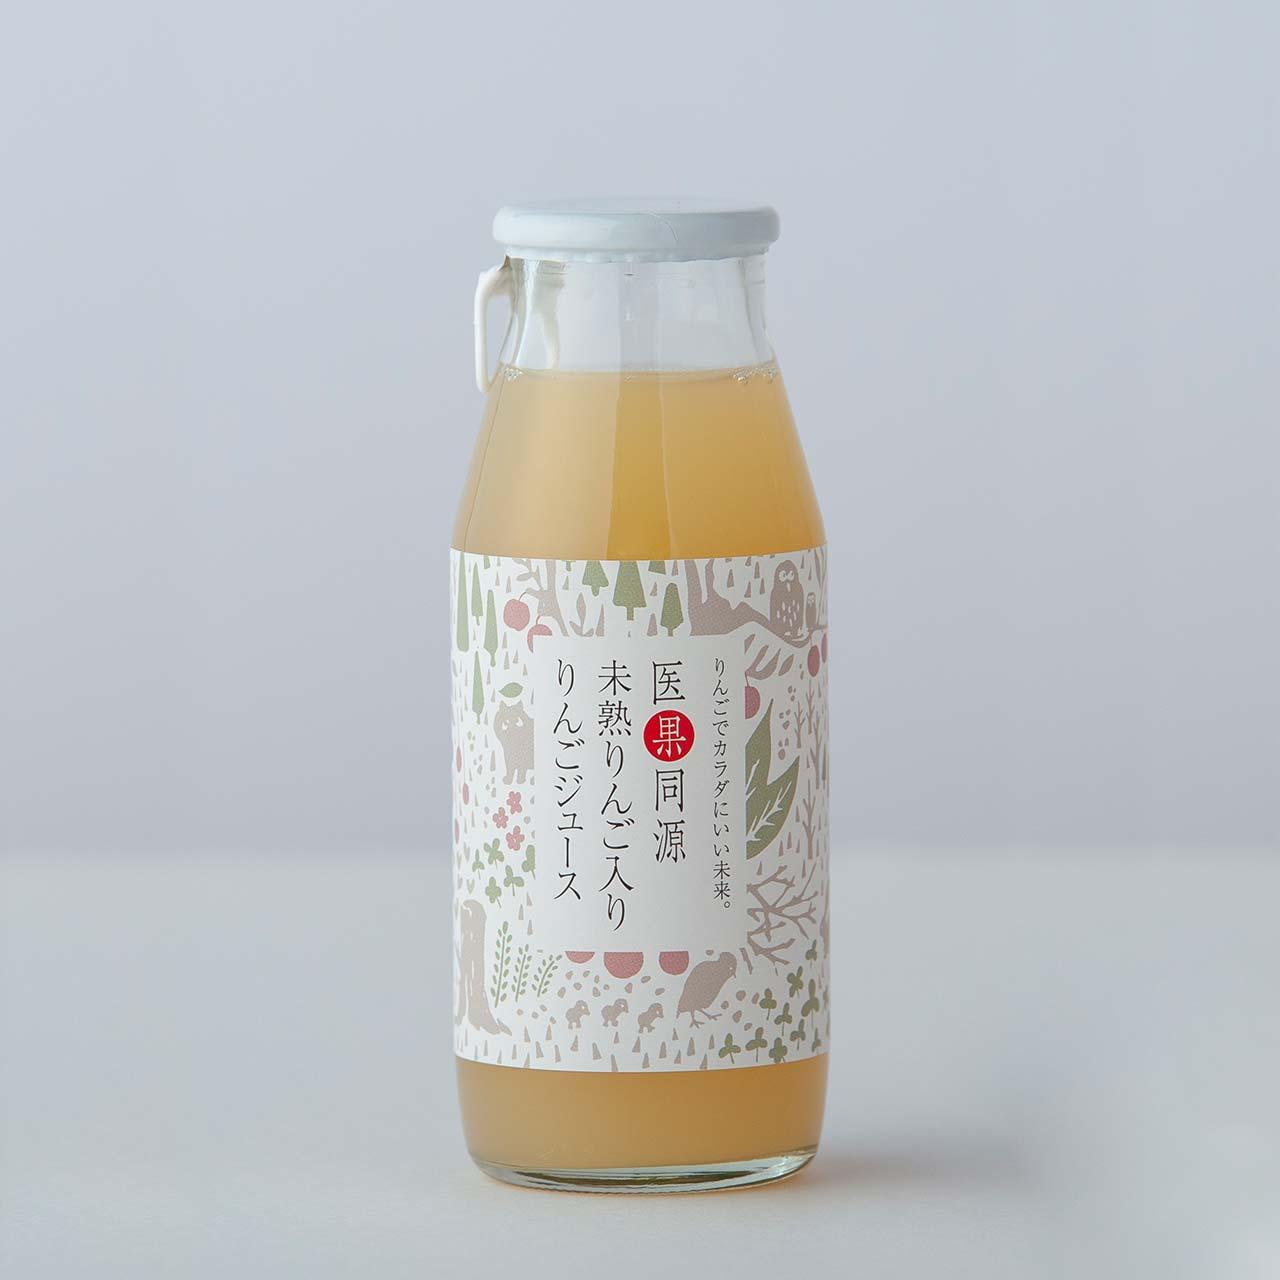 ビン1本 医果同源未熟りんご入りりんごジュース